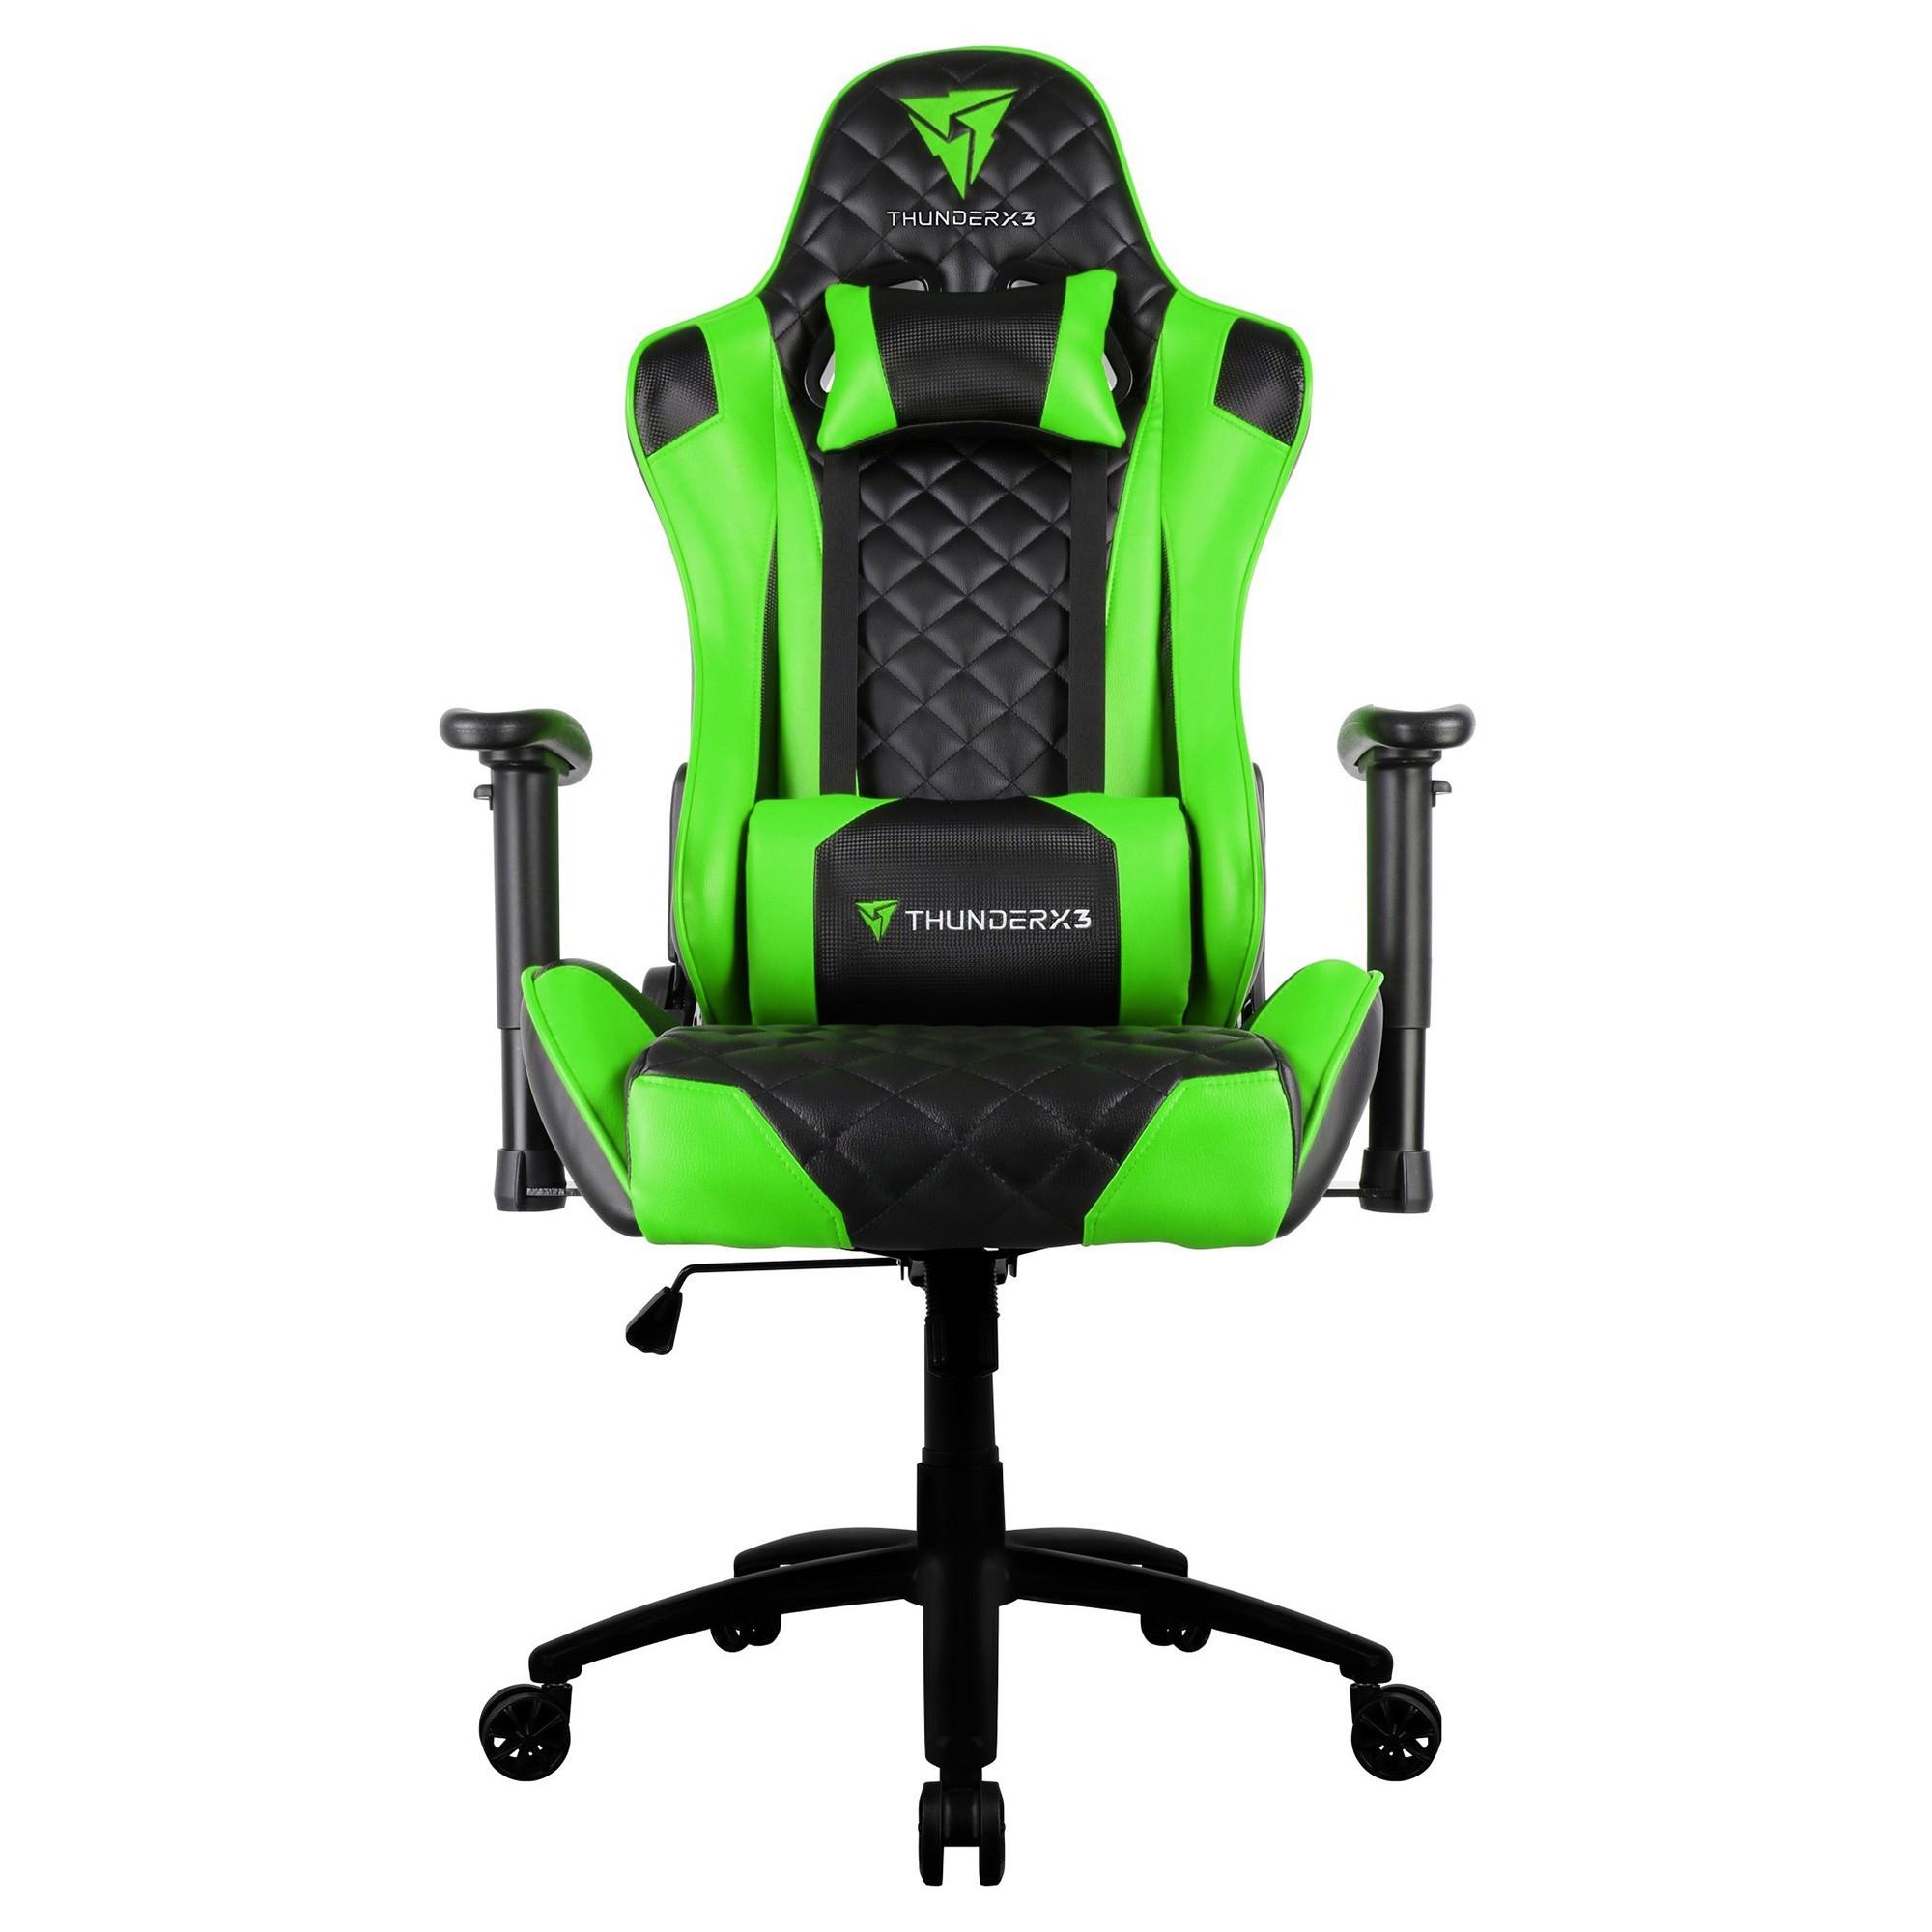 ThunderX3 TGC12 Gaming Chair, Black / Green